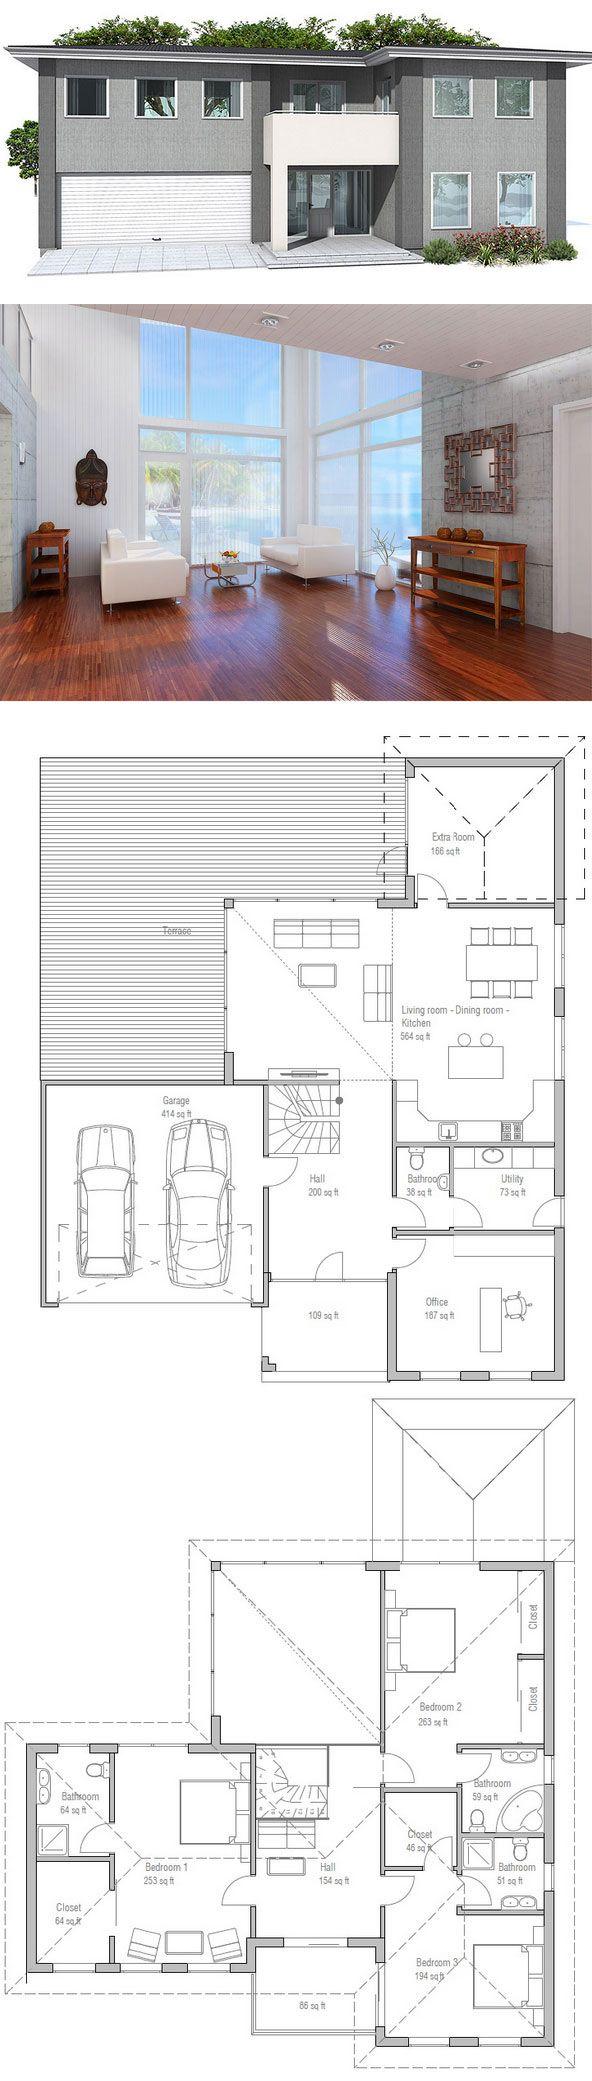 1000 id es sur le th me plans de petite maison sur pinterest plans de maiso - Plan de petite maison ...